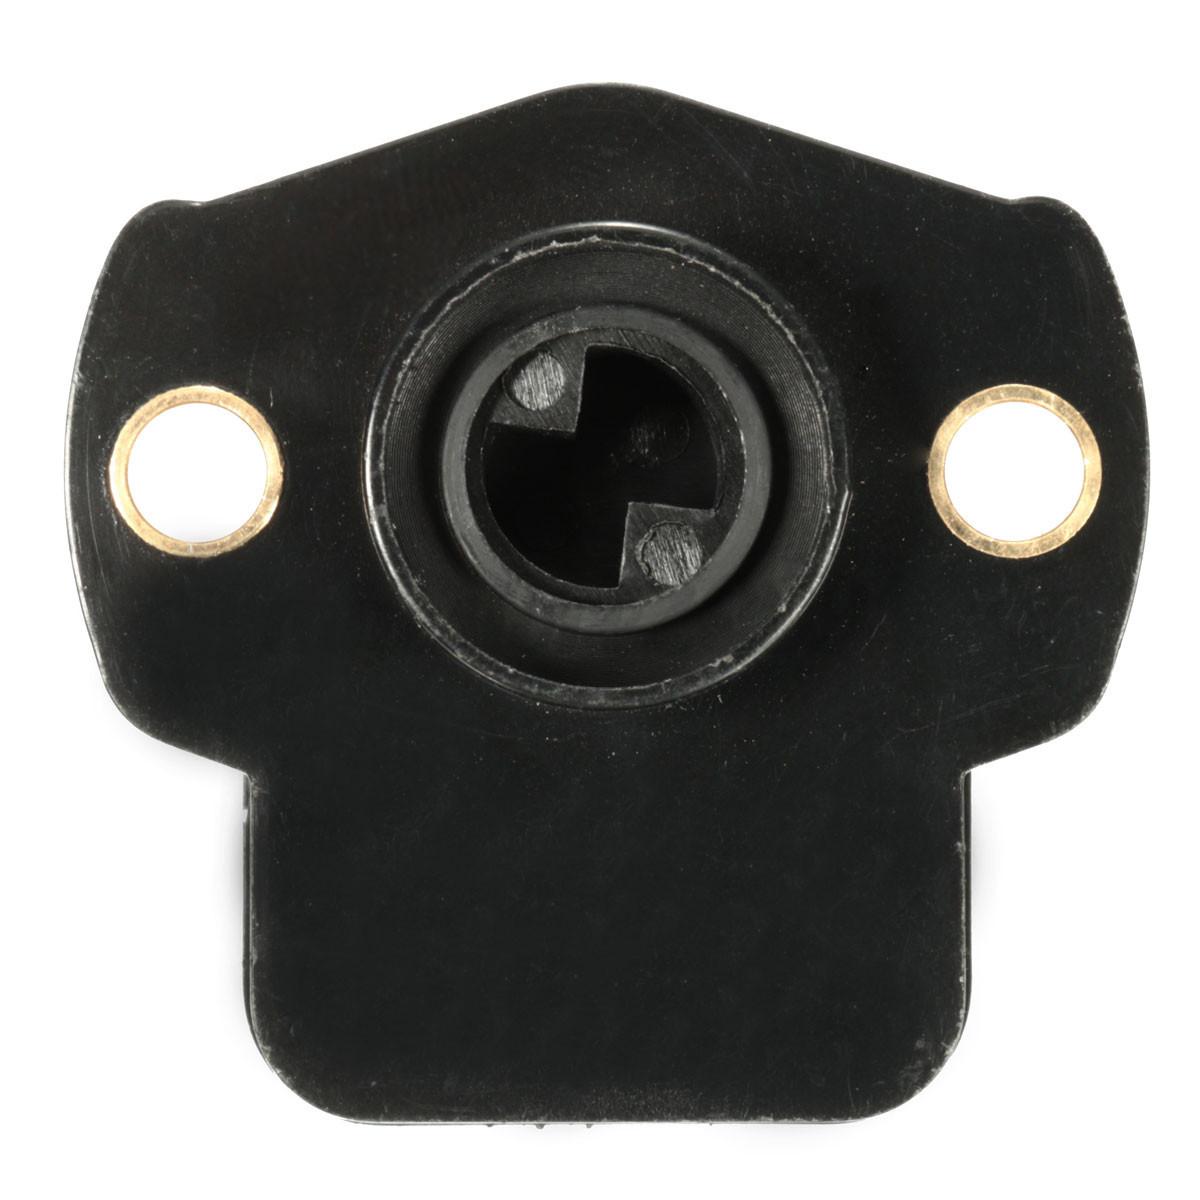 Throttle Position Sensor Jeep Yj: Throttle Position Sensor TPS For Dodge Ram Jeep Wrangler